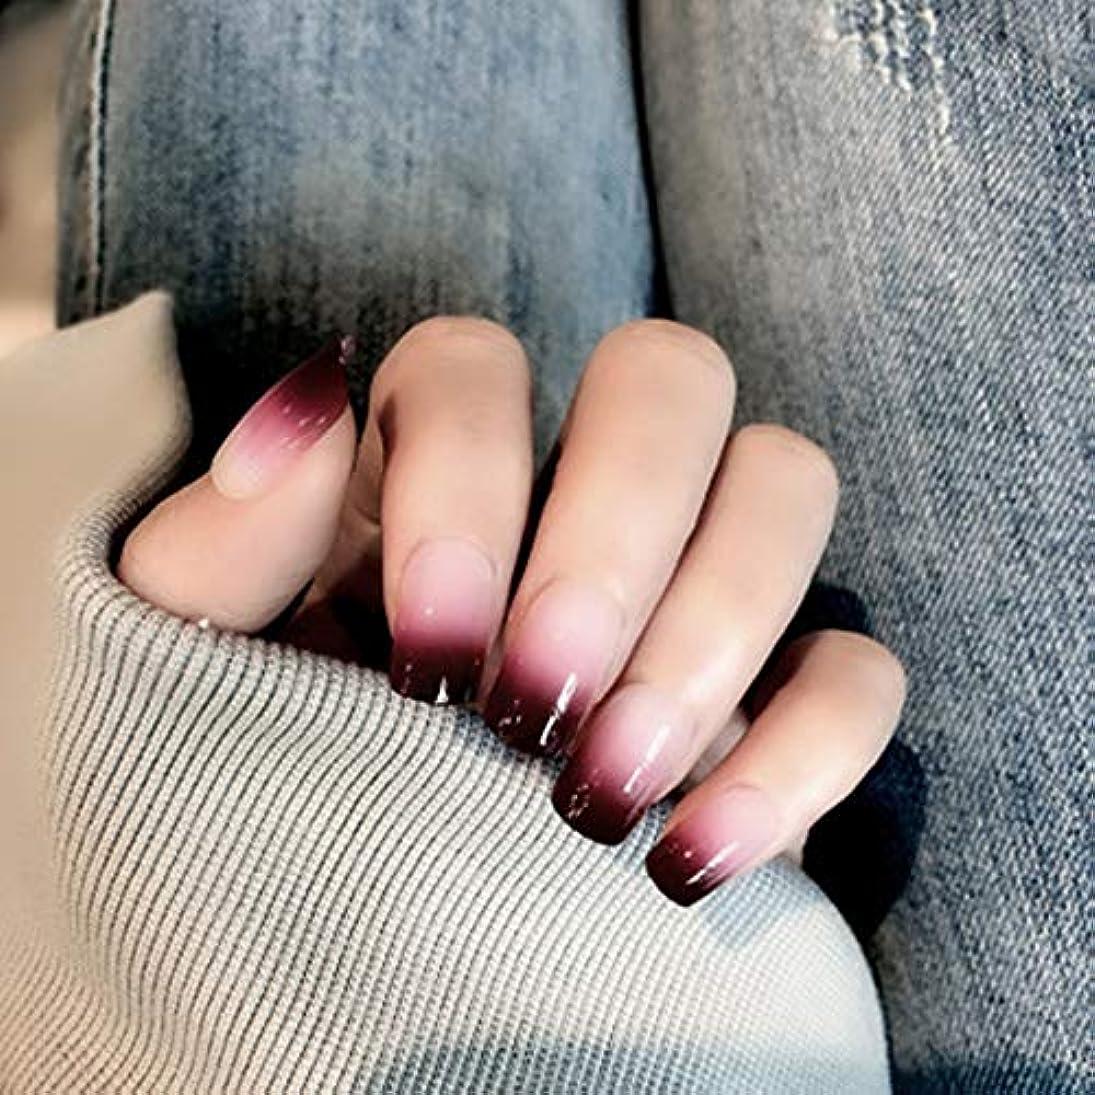 XUTXZKA 女性およびステッカーのための24のPCの赤い勾配色の長い偽の釘の方法偽造品の釘